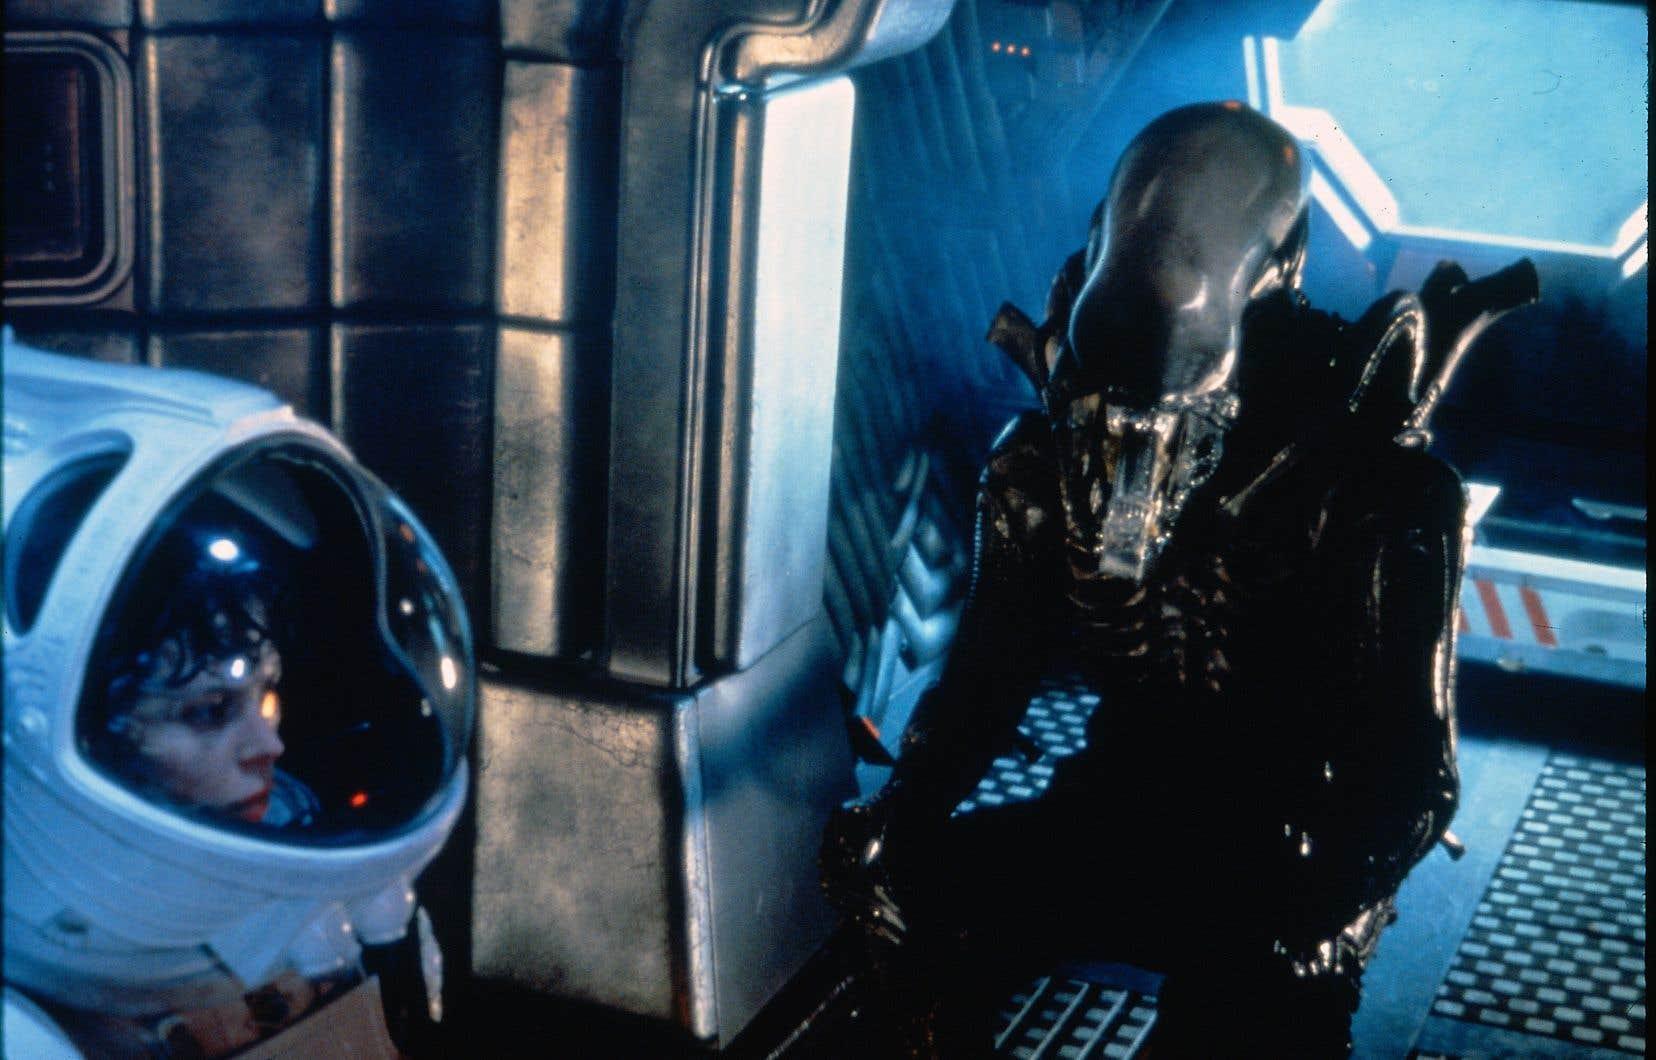 Extrait du film «Alien» de 1979, réalisé par Ridley Scott, dans lequel Ellen Ripley livre une lutte mortelle contre un horrible monstre extraterrestre.